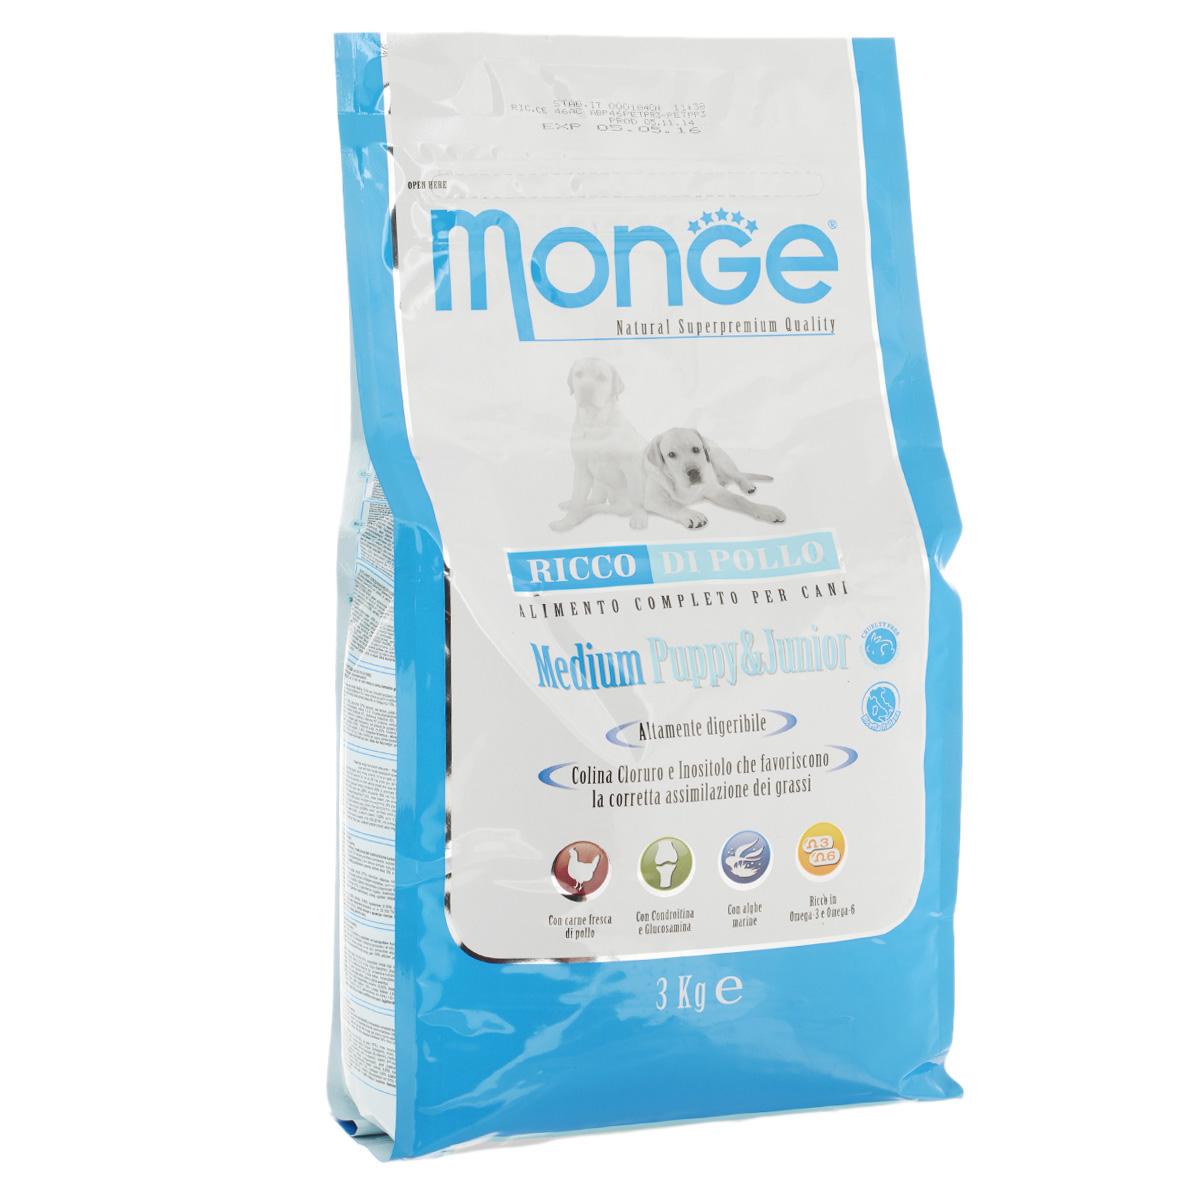 Корм сухой Monge для щенков средних пород, 3 кг70004220Сухой корм Monge - это полноценный рацион для щенков средних пород. Щенки средних пород возрастом до 12 месяцев, а так же беременные и кормящие собаки, могут получать из данного корма всю энергетическую потребность, необходимую для нормального развития. Все ингредиенты, используемые для производства данного корма, обеспечивают максимальную поддержку правильного развития вашего щенка. Корм содержит глюкозамин и хондроитин, для обеспечения здоровых костей и суставов, чтобы ваш щенок рос сильным и здоровым. Корм имеет оптимальное соотношение жирных кислот Омега-3 и Омега-6. Состав: куриное мясо (свежее мин. 10%, обезвоженное 32%), рис (мин. 27%), кукуруза, куриное масло, свекольный жом, овес, дрожжи, яичный крахмал, мука сельди, рыбий жир, экстракт Юкки Шидигера, цистин, морские водоросли, фруктоолигосахариды 528 мг/кг, маннан-олигосахариды 528 мг/кг, хондроитин сульфат 55 мг/кг, метилсульфонилметан 80 мг/кг, глюкозамин 80 мг/кг. Анализ:...